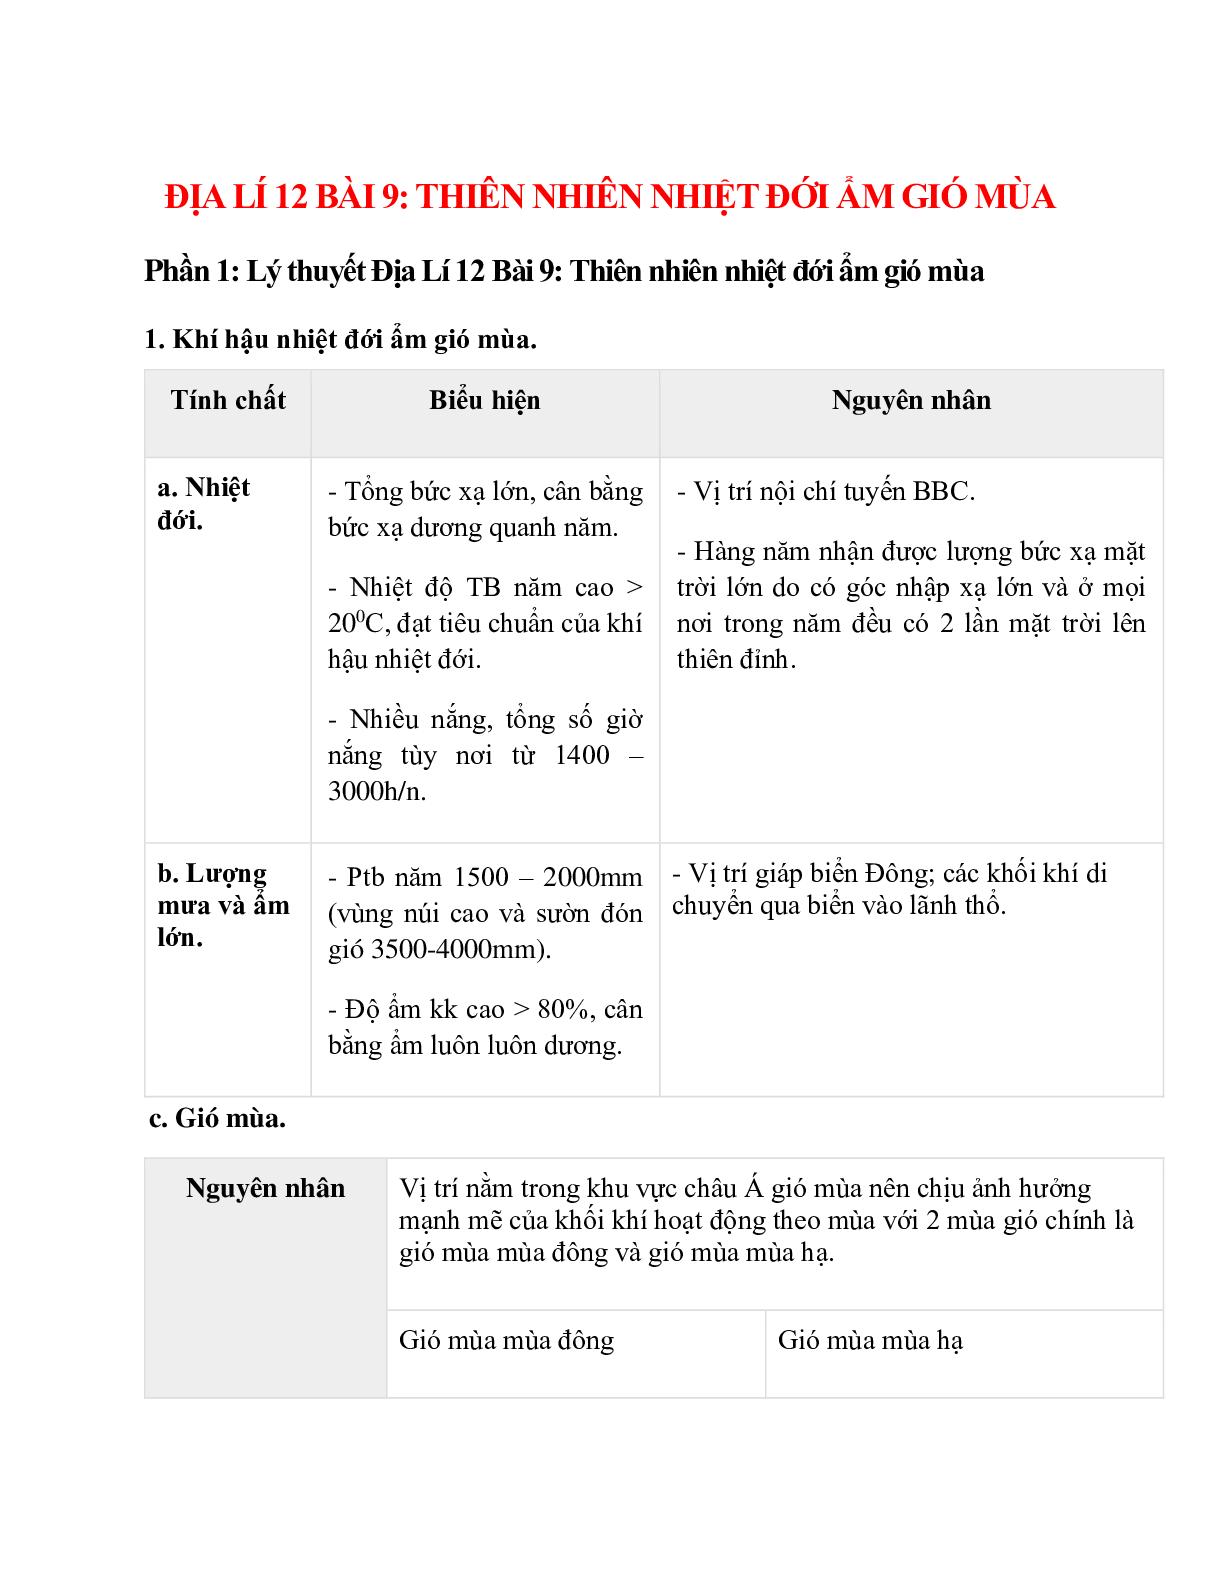 Địa Lí 12 Bài 9: Thiên nhiên nhiệt đới ẩm gió mùa (trang 1)